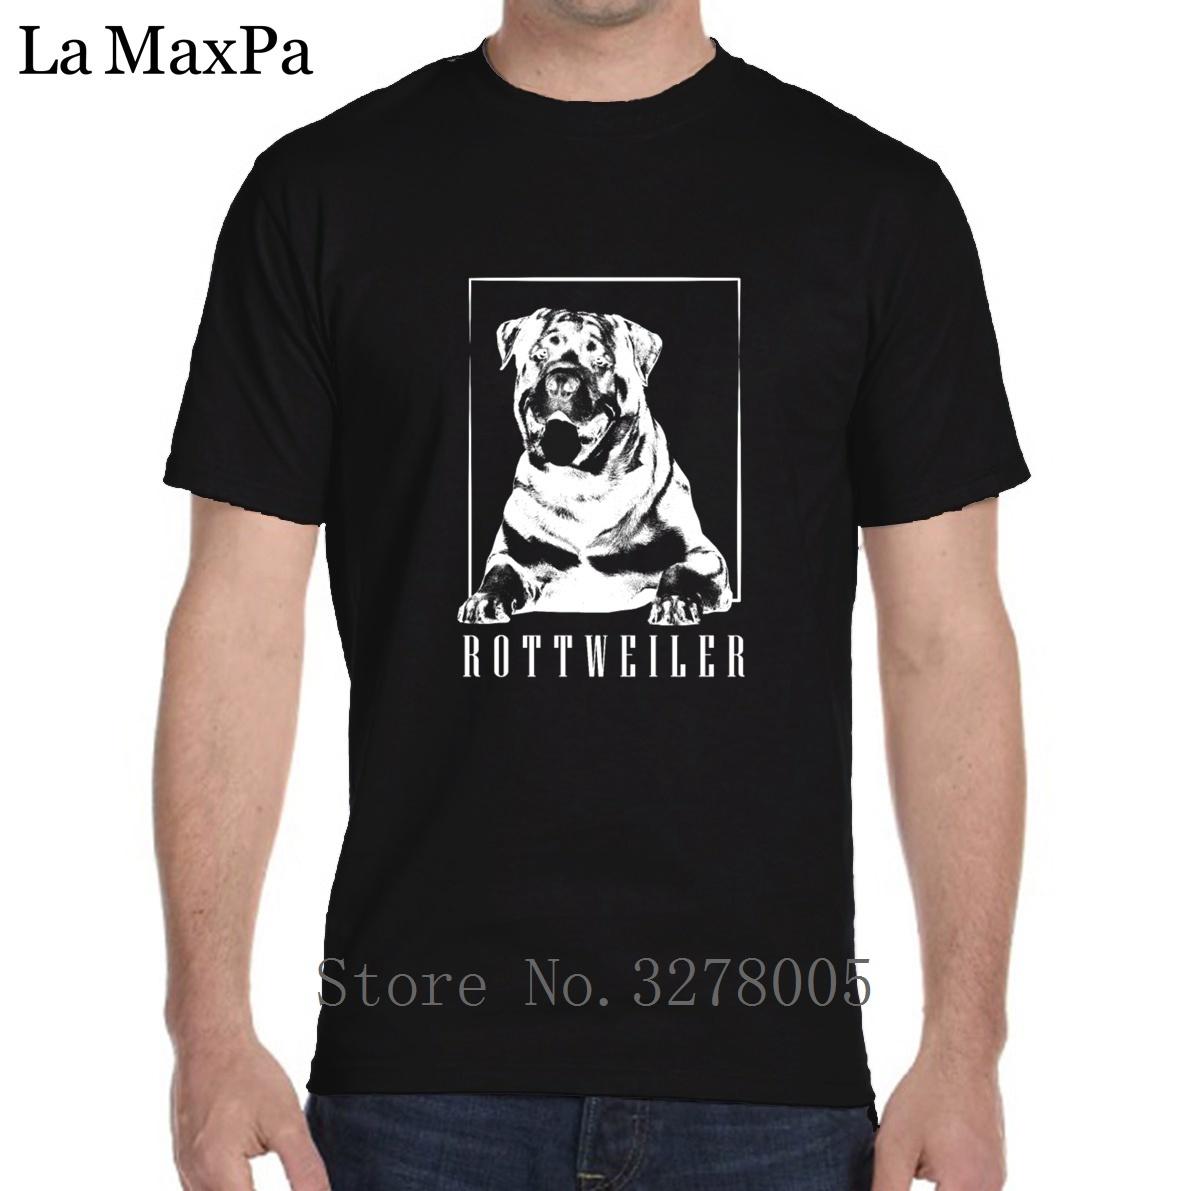 Personalizar T-Shirt Presente Melhor Rottweiler T Shirt Homens Carta 100% Algodão Tshirt dos homens O-pescoço Camiseta Personnalise Top Tee